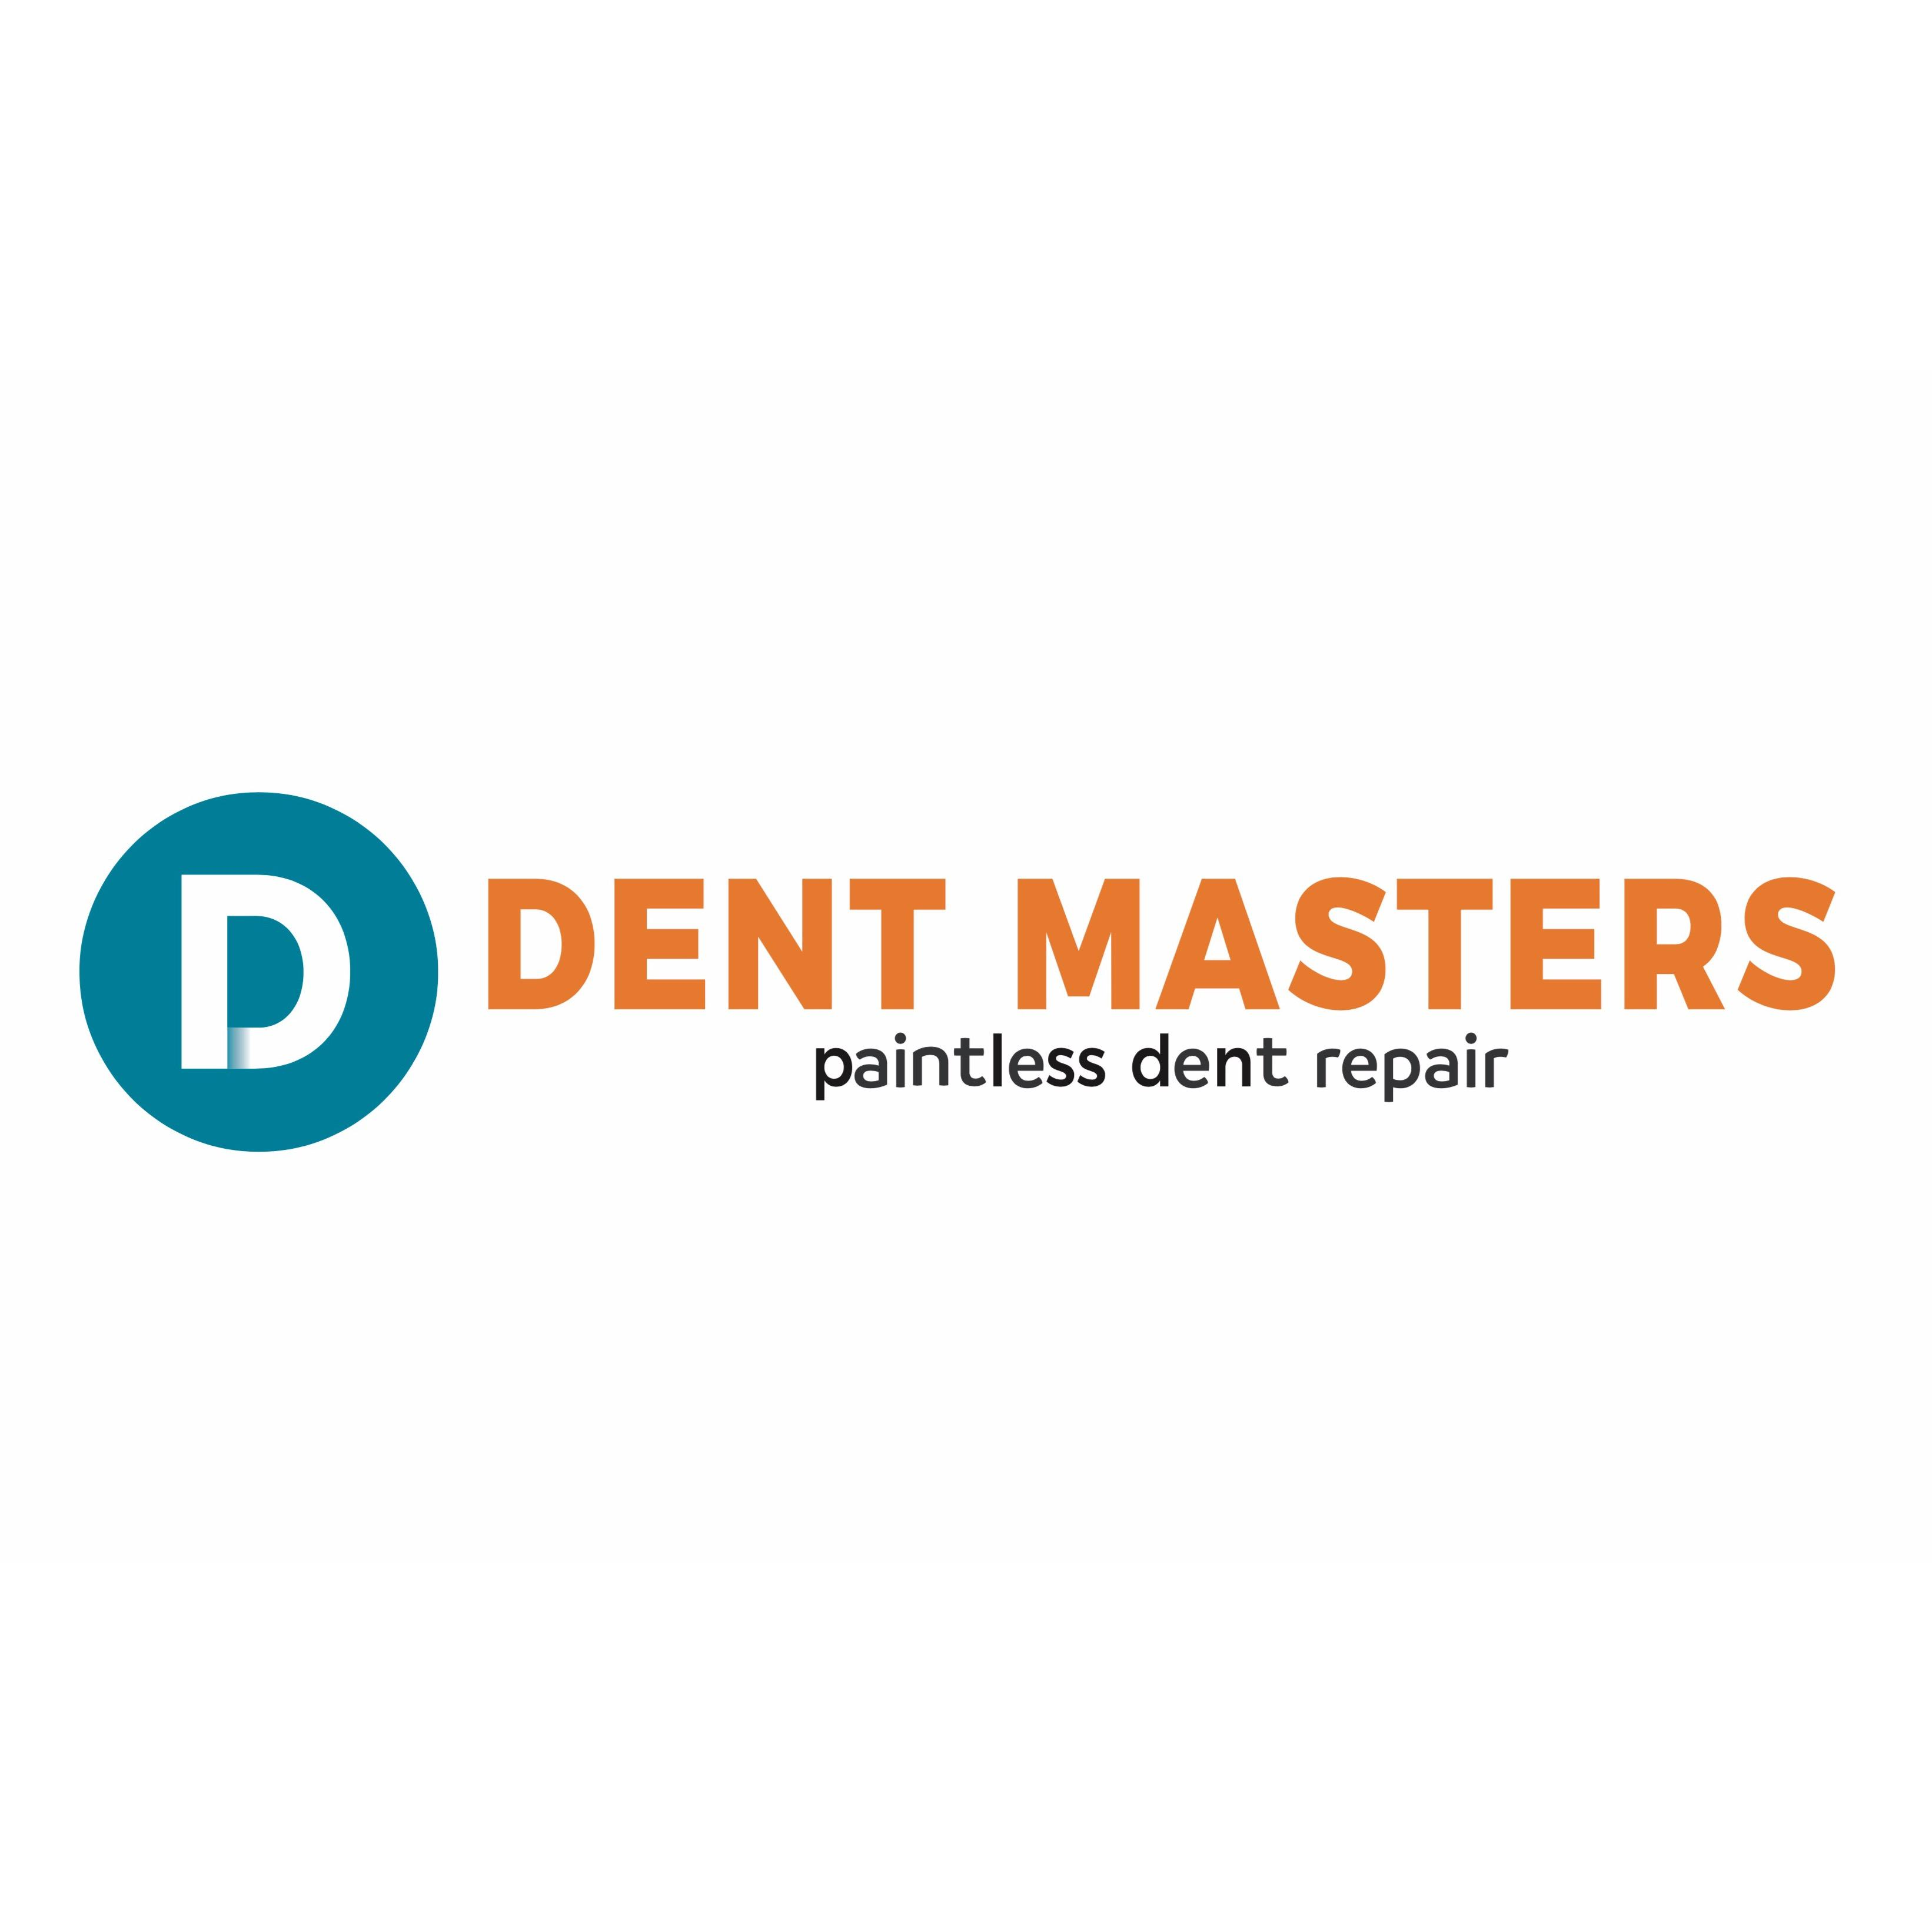 Dent Masters Paintless Dent Repair